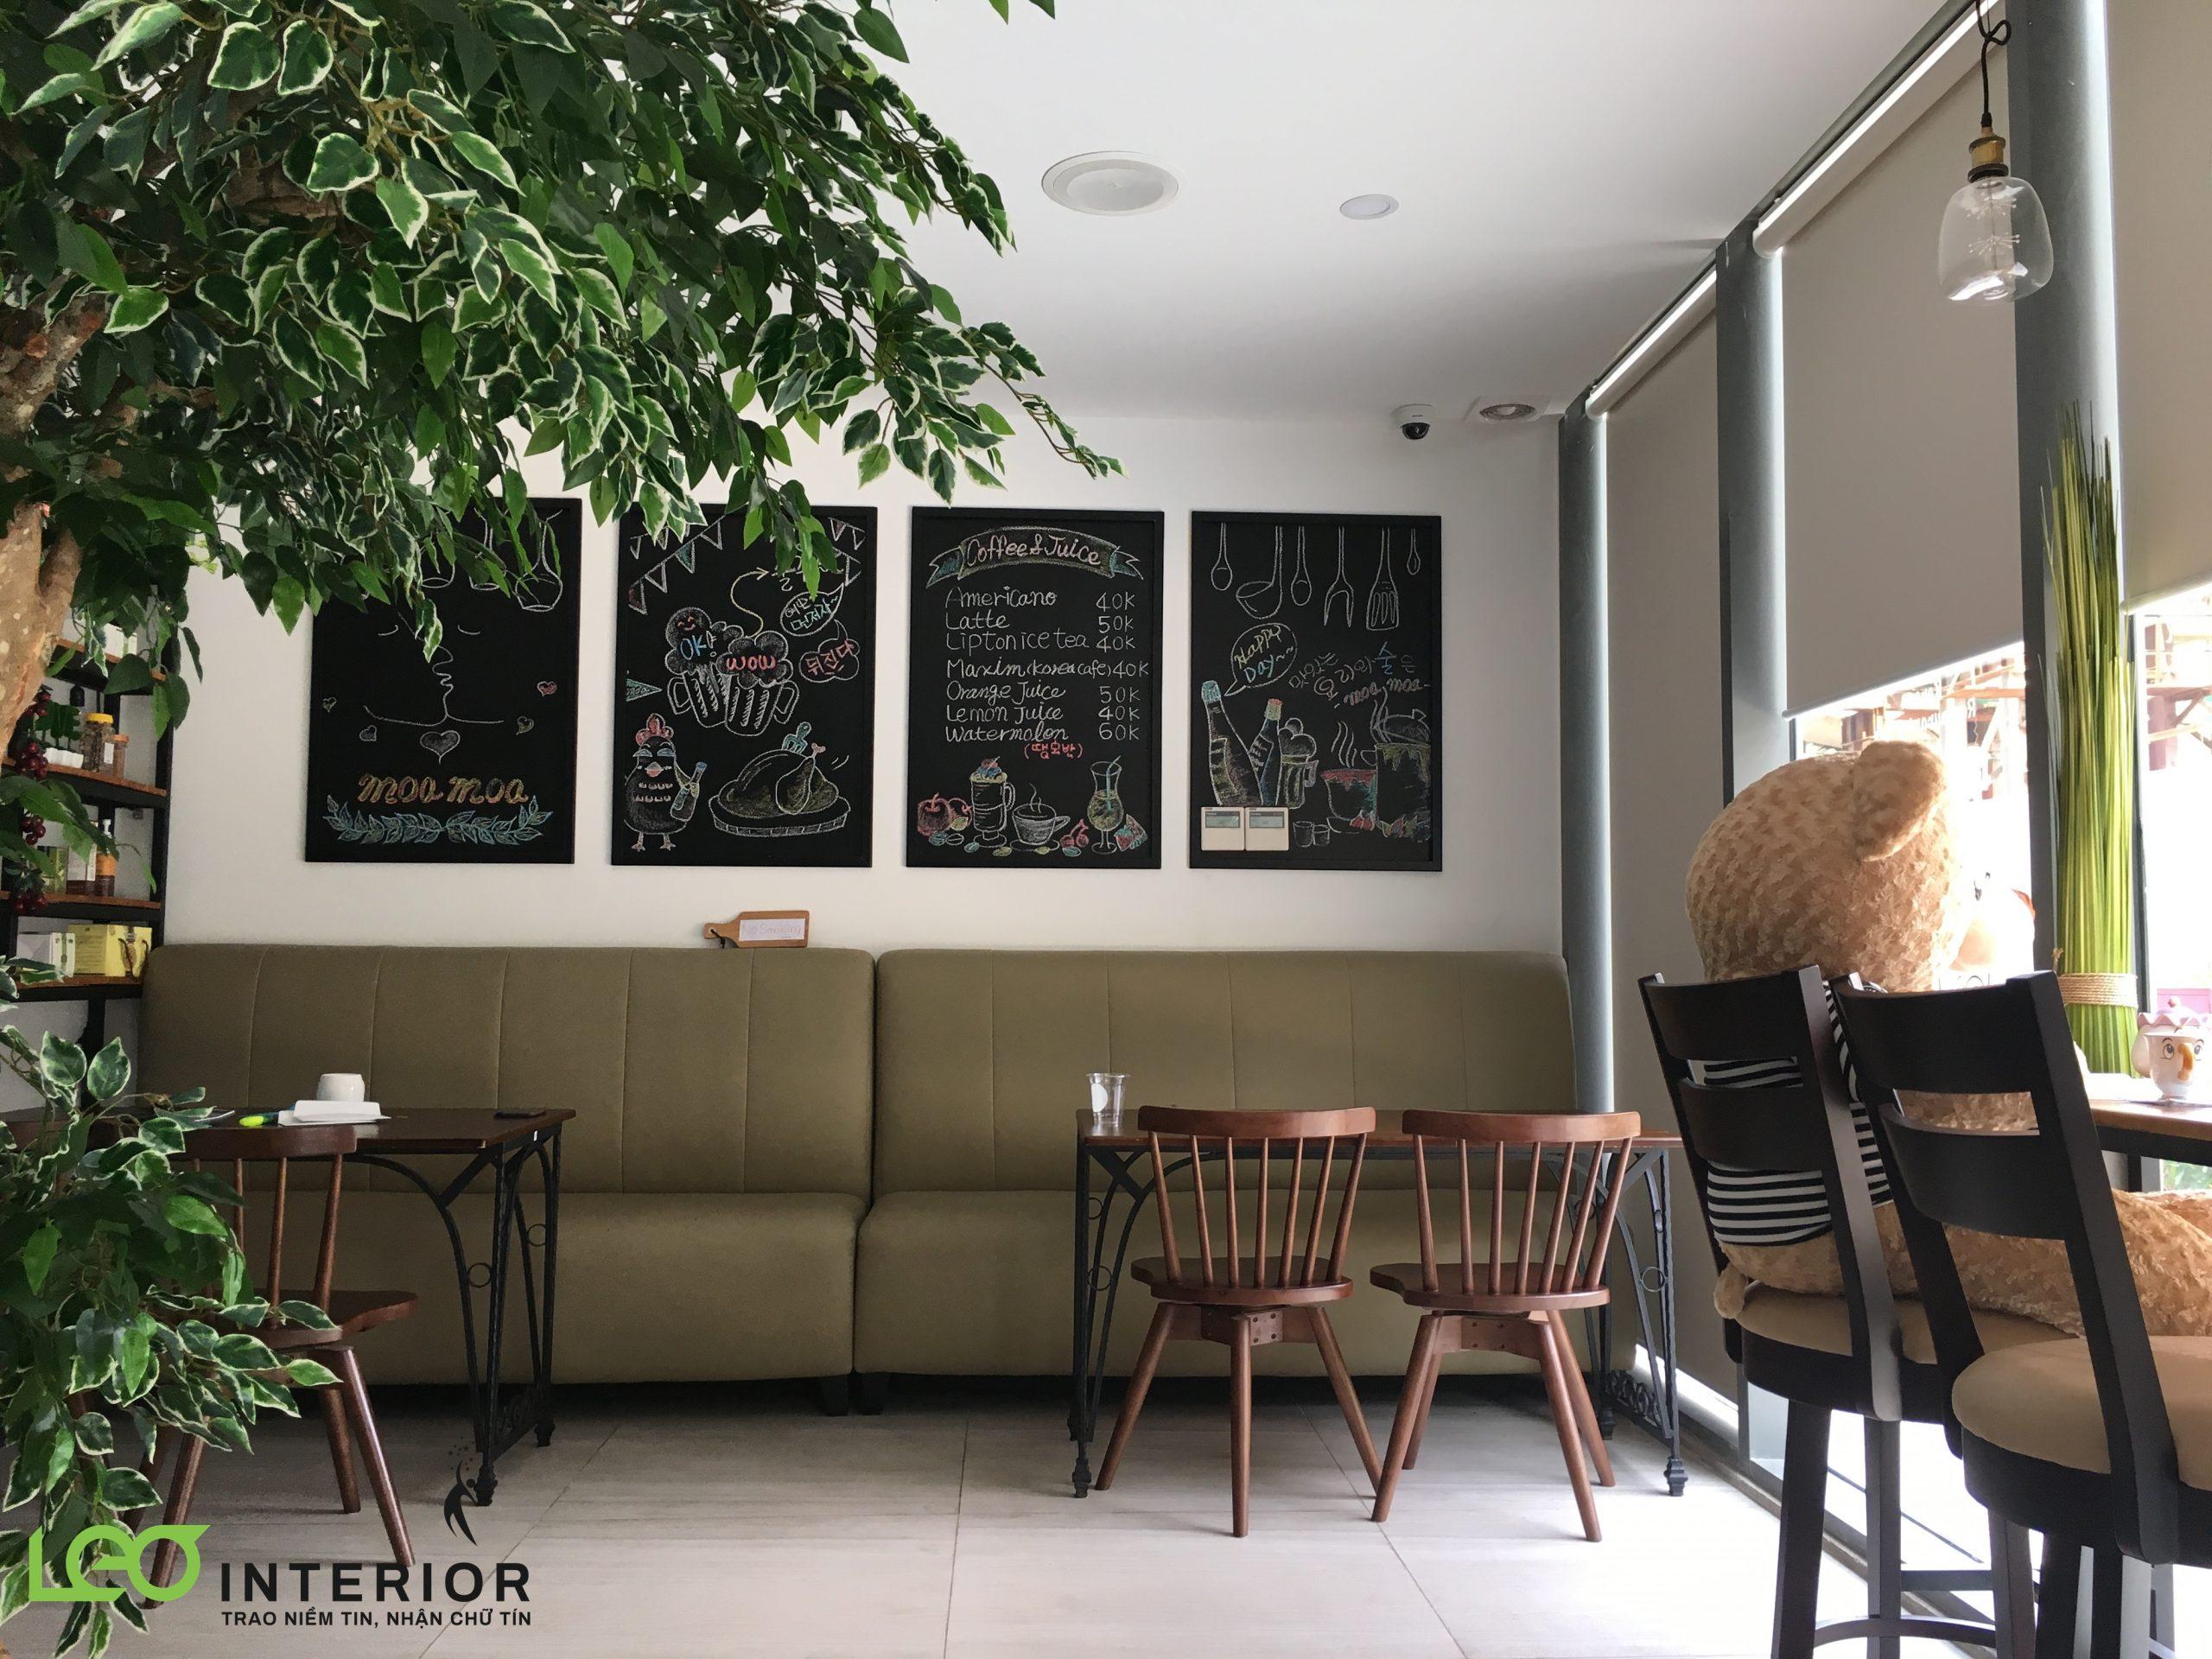 Thi công rèm cuốn tại nhà hàng Moa Moa Hàn Quốc